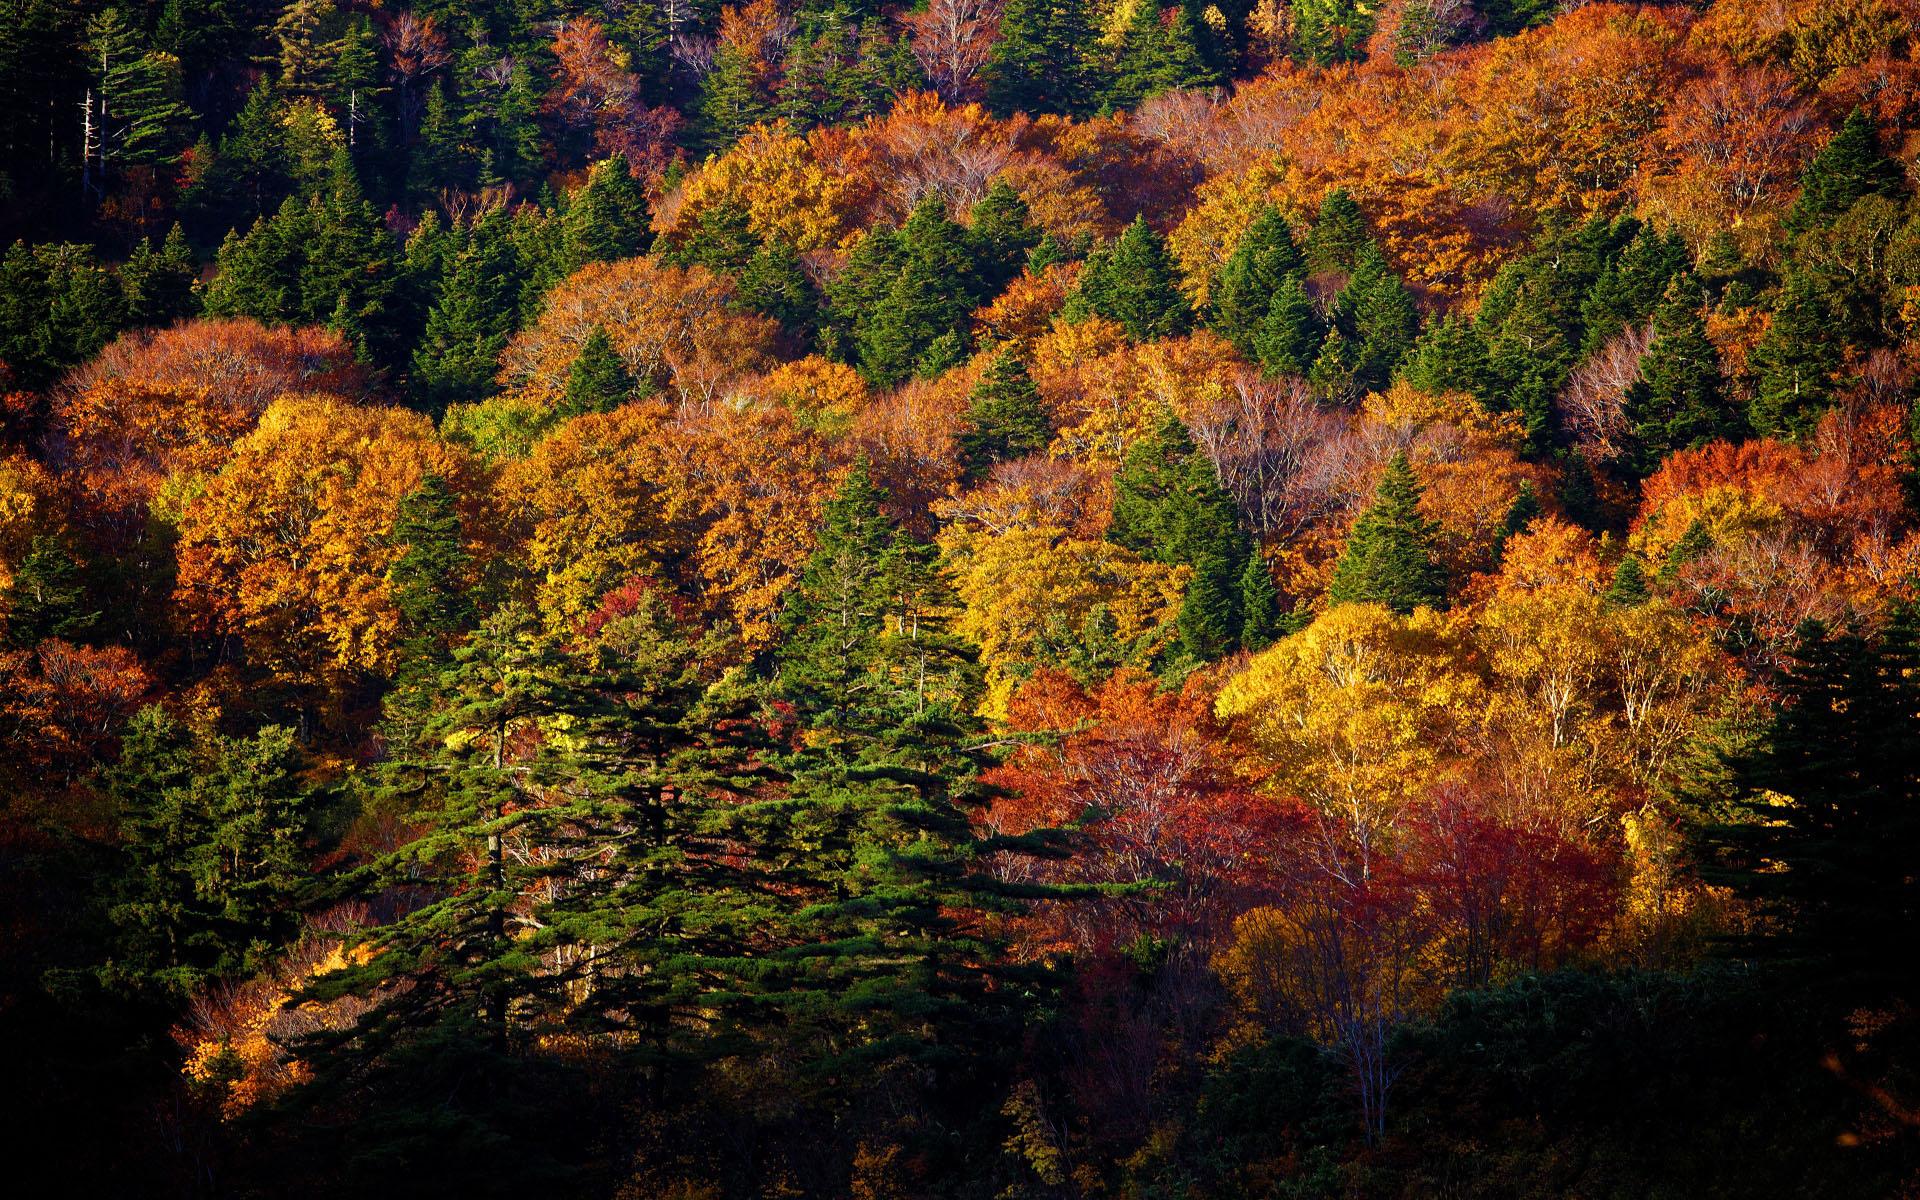 Картинка Осень в смешанном лесу » Лес » Природа » Картинки ...